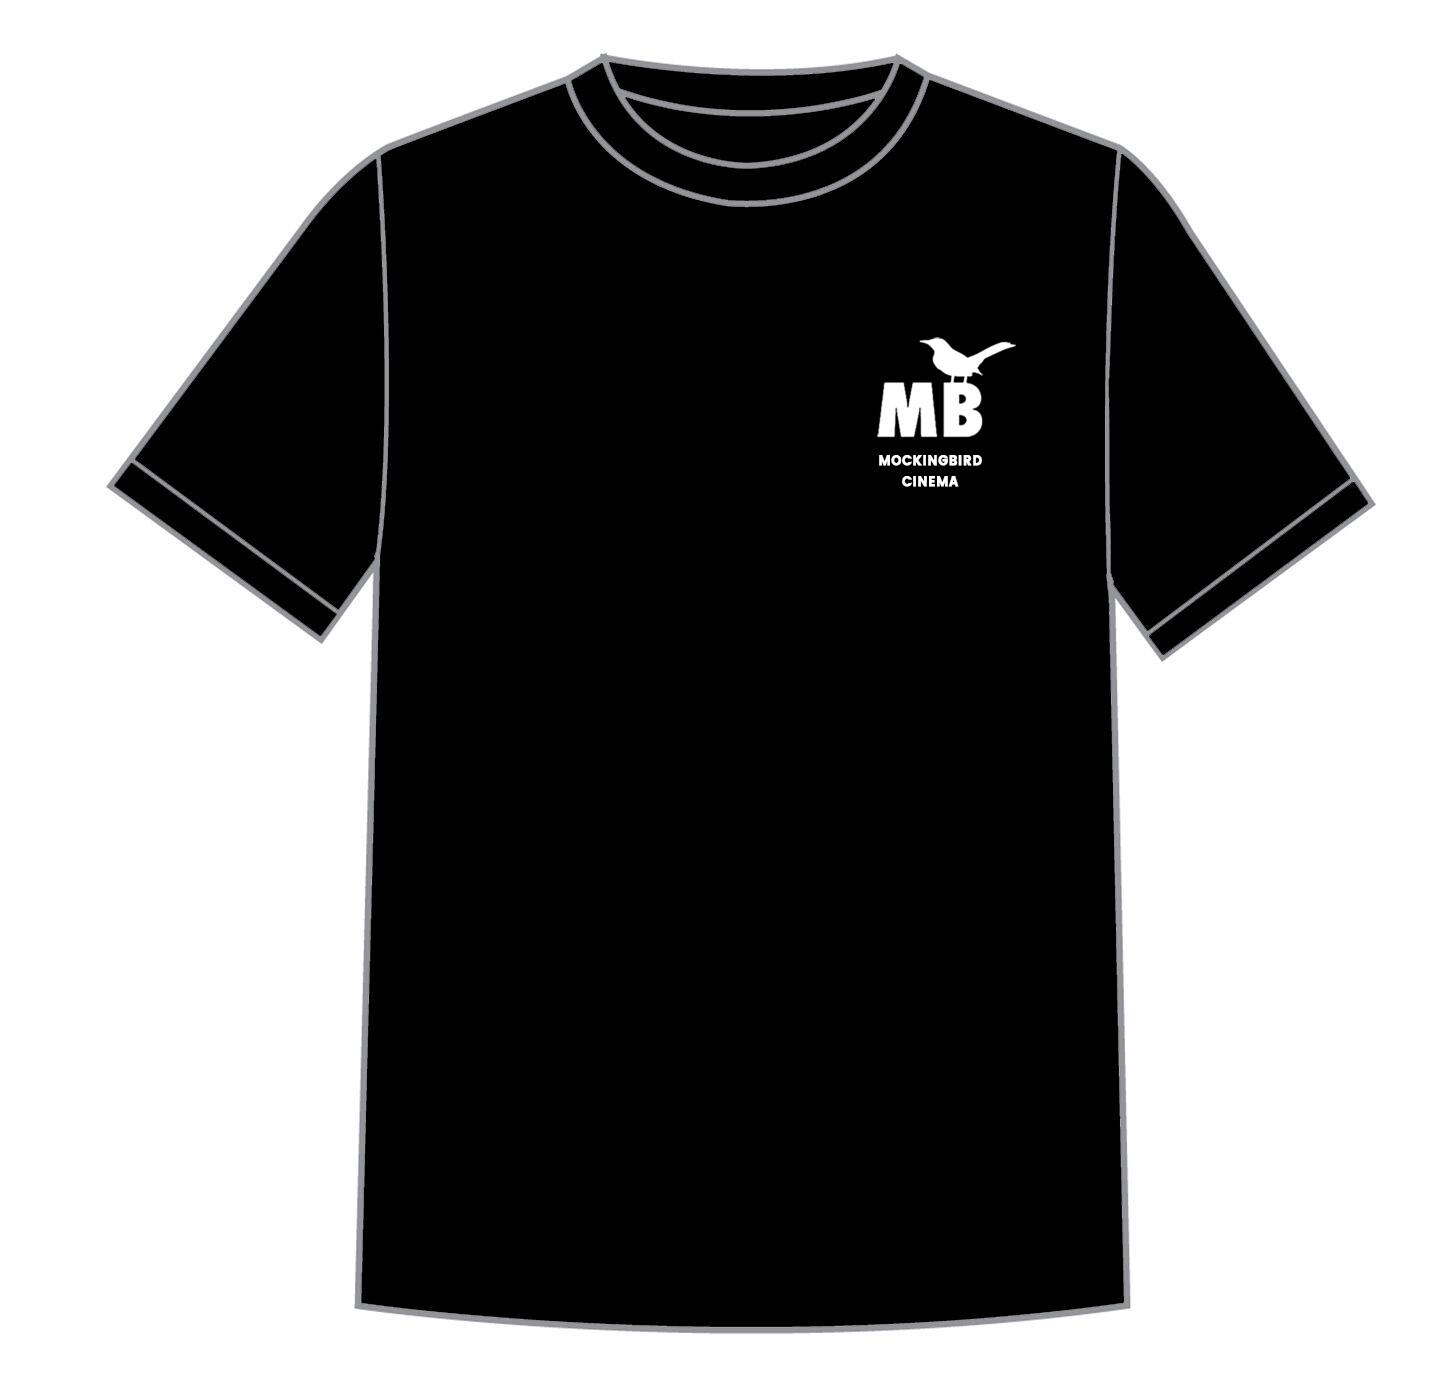 MB T-shirt (black)